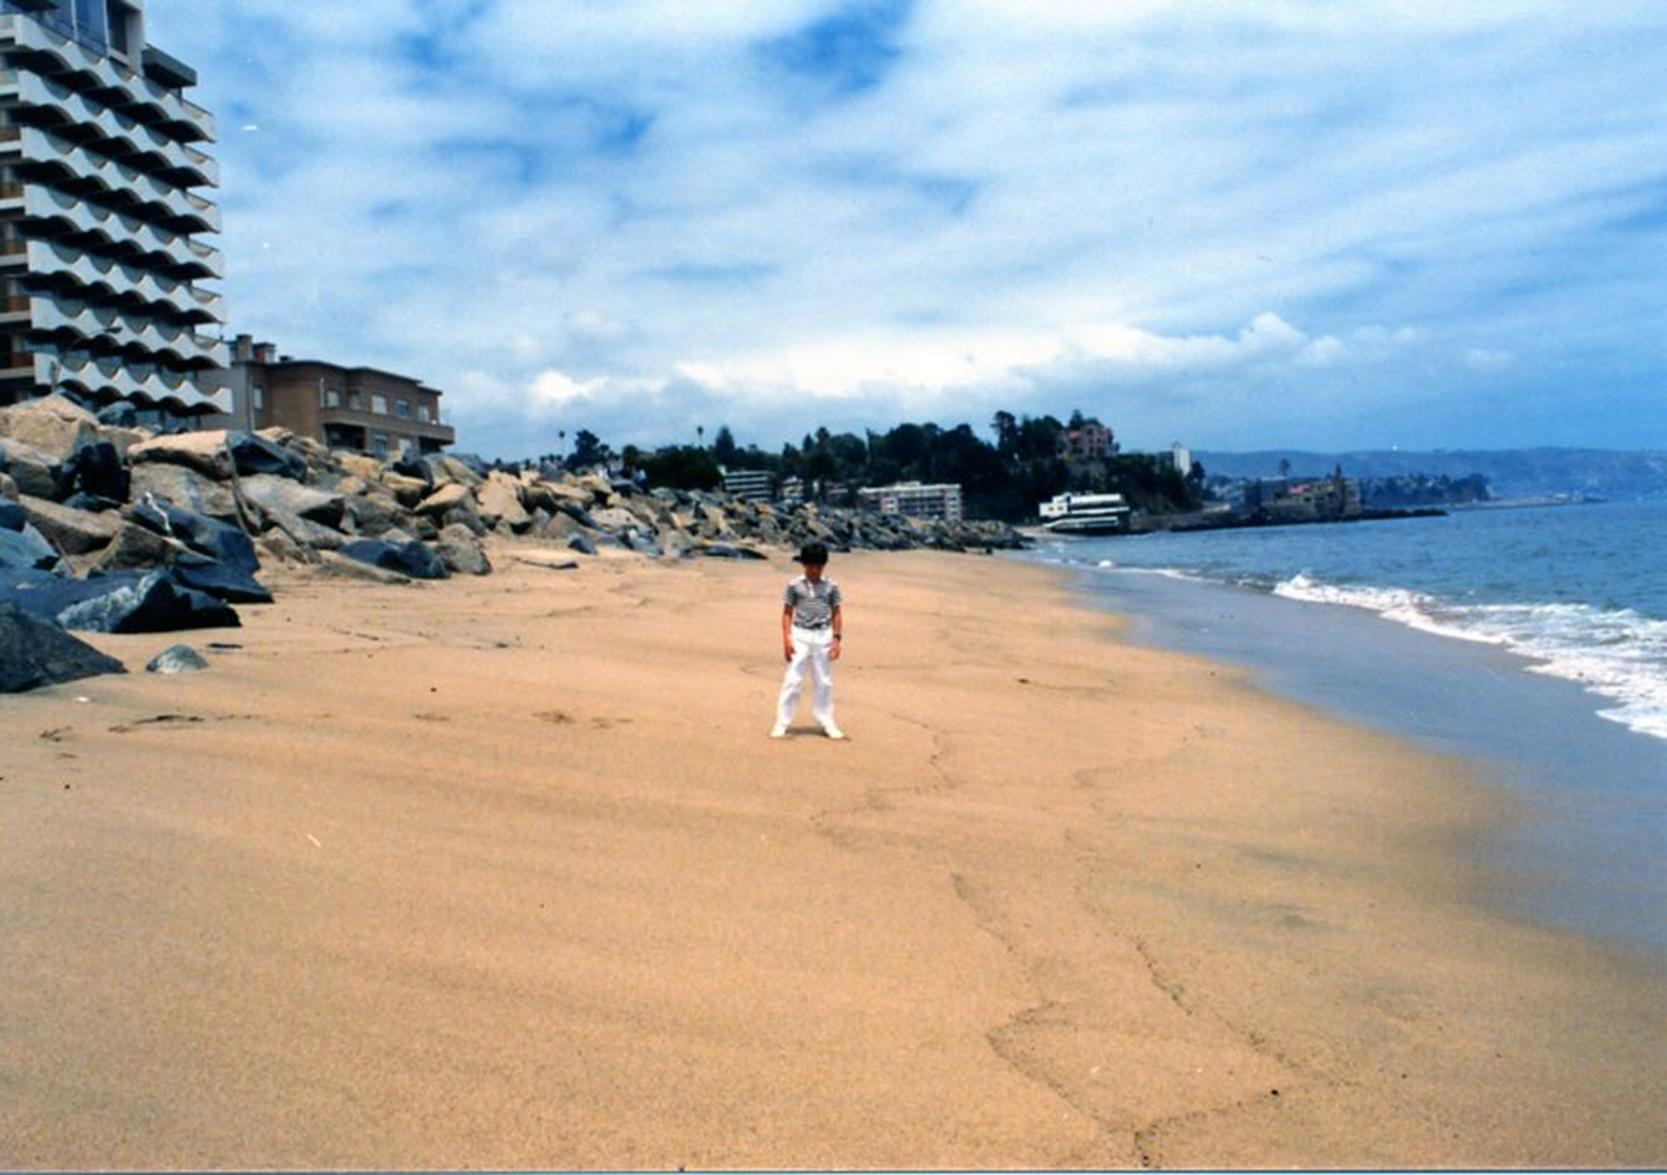 Enterreno - Fotos históricas de chile - fotos antiguas de Chile - Playa Avenida Perú en 1981